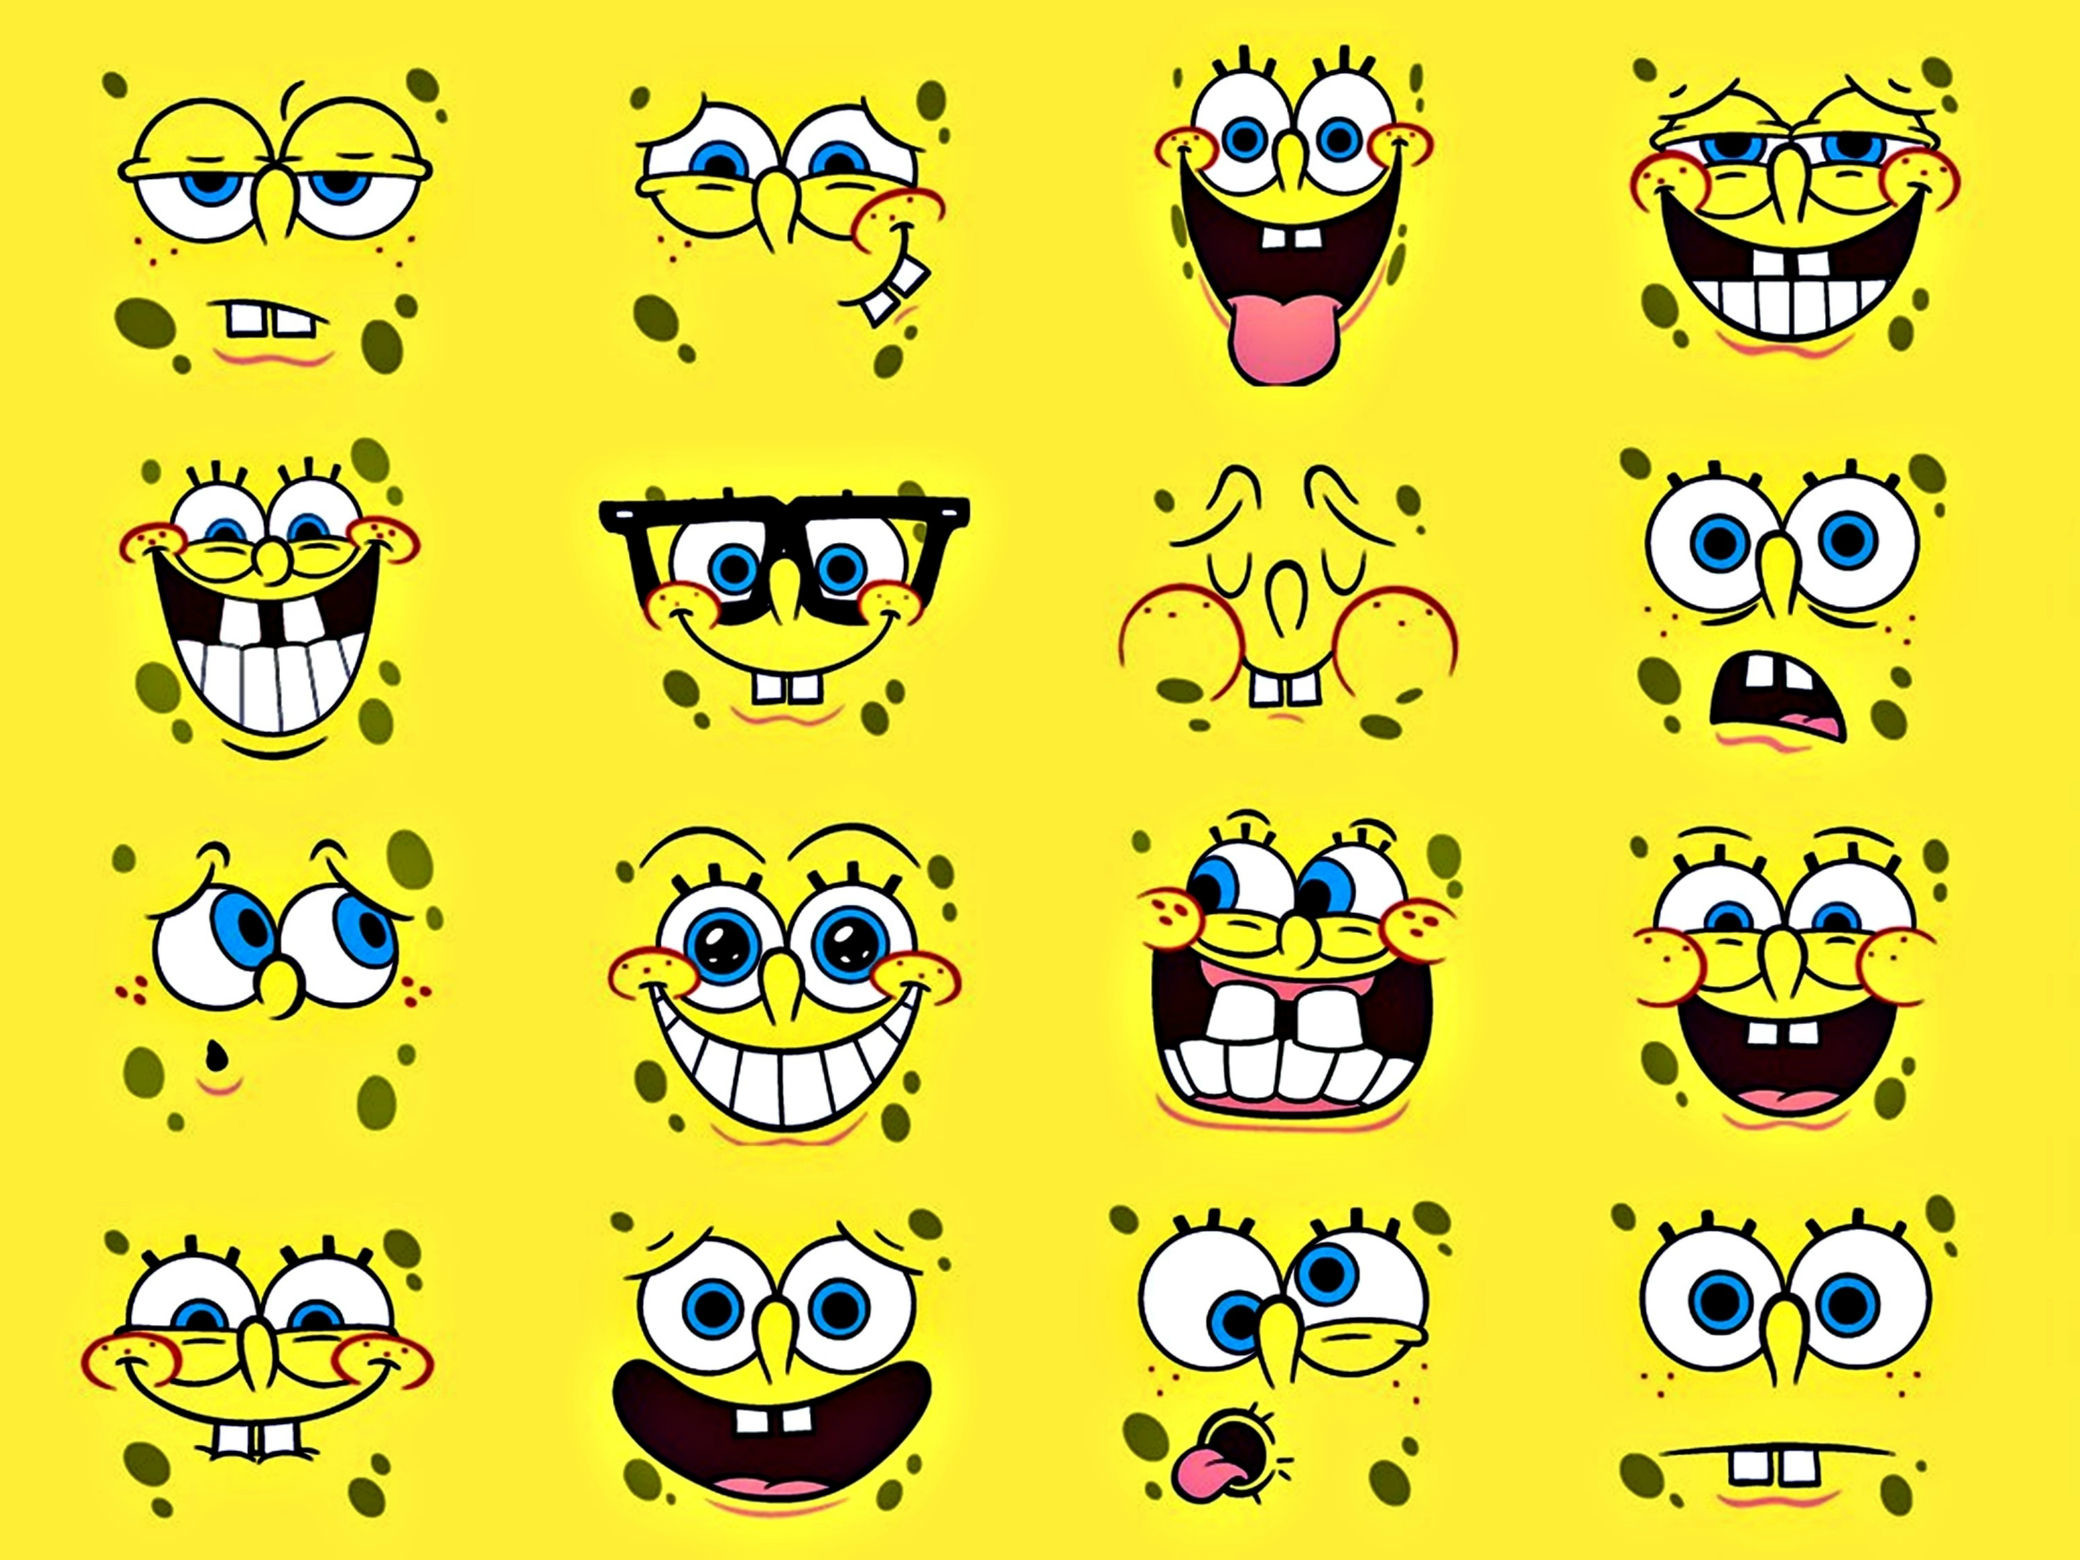 Spongebob Squarepants Wallpaper Hd Wallpapersafari